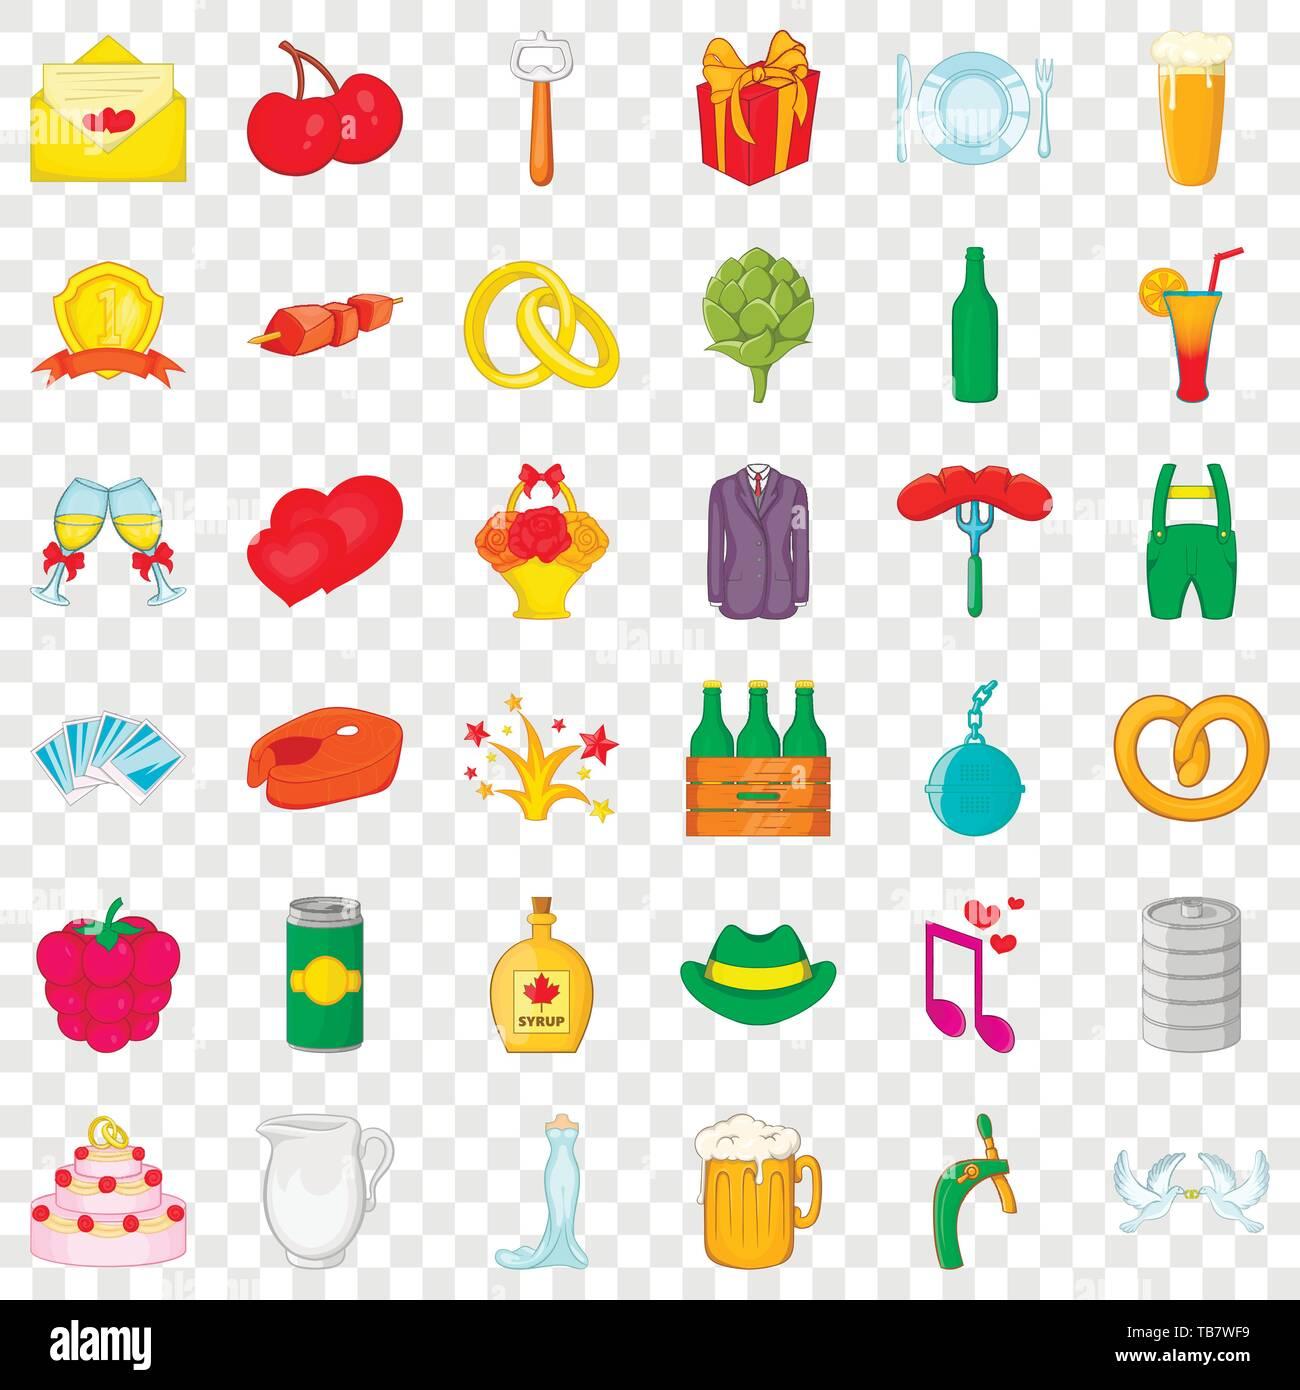 Basket icons set, cartoon style - Stock Image